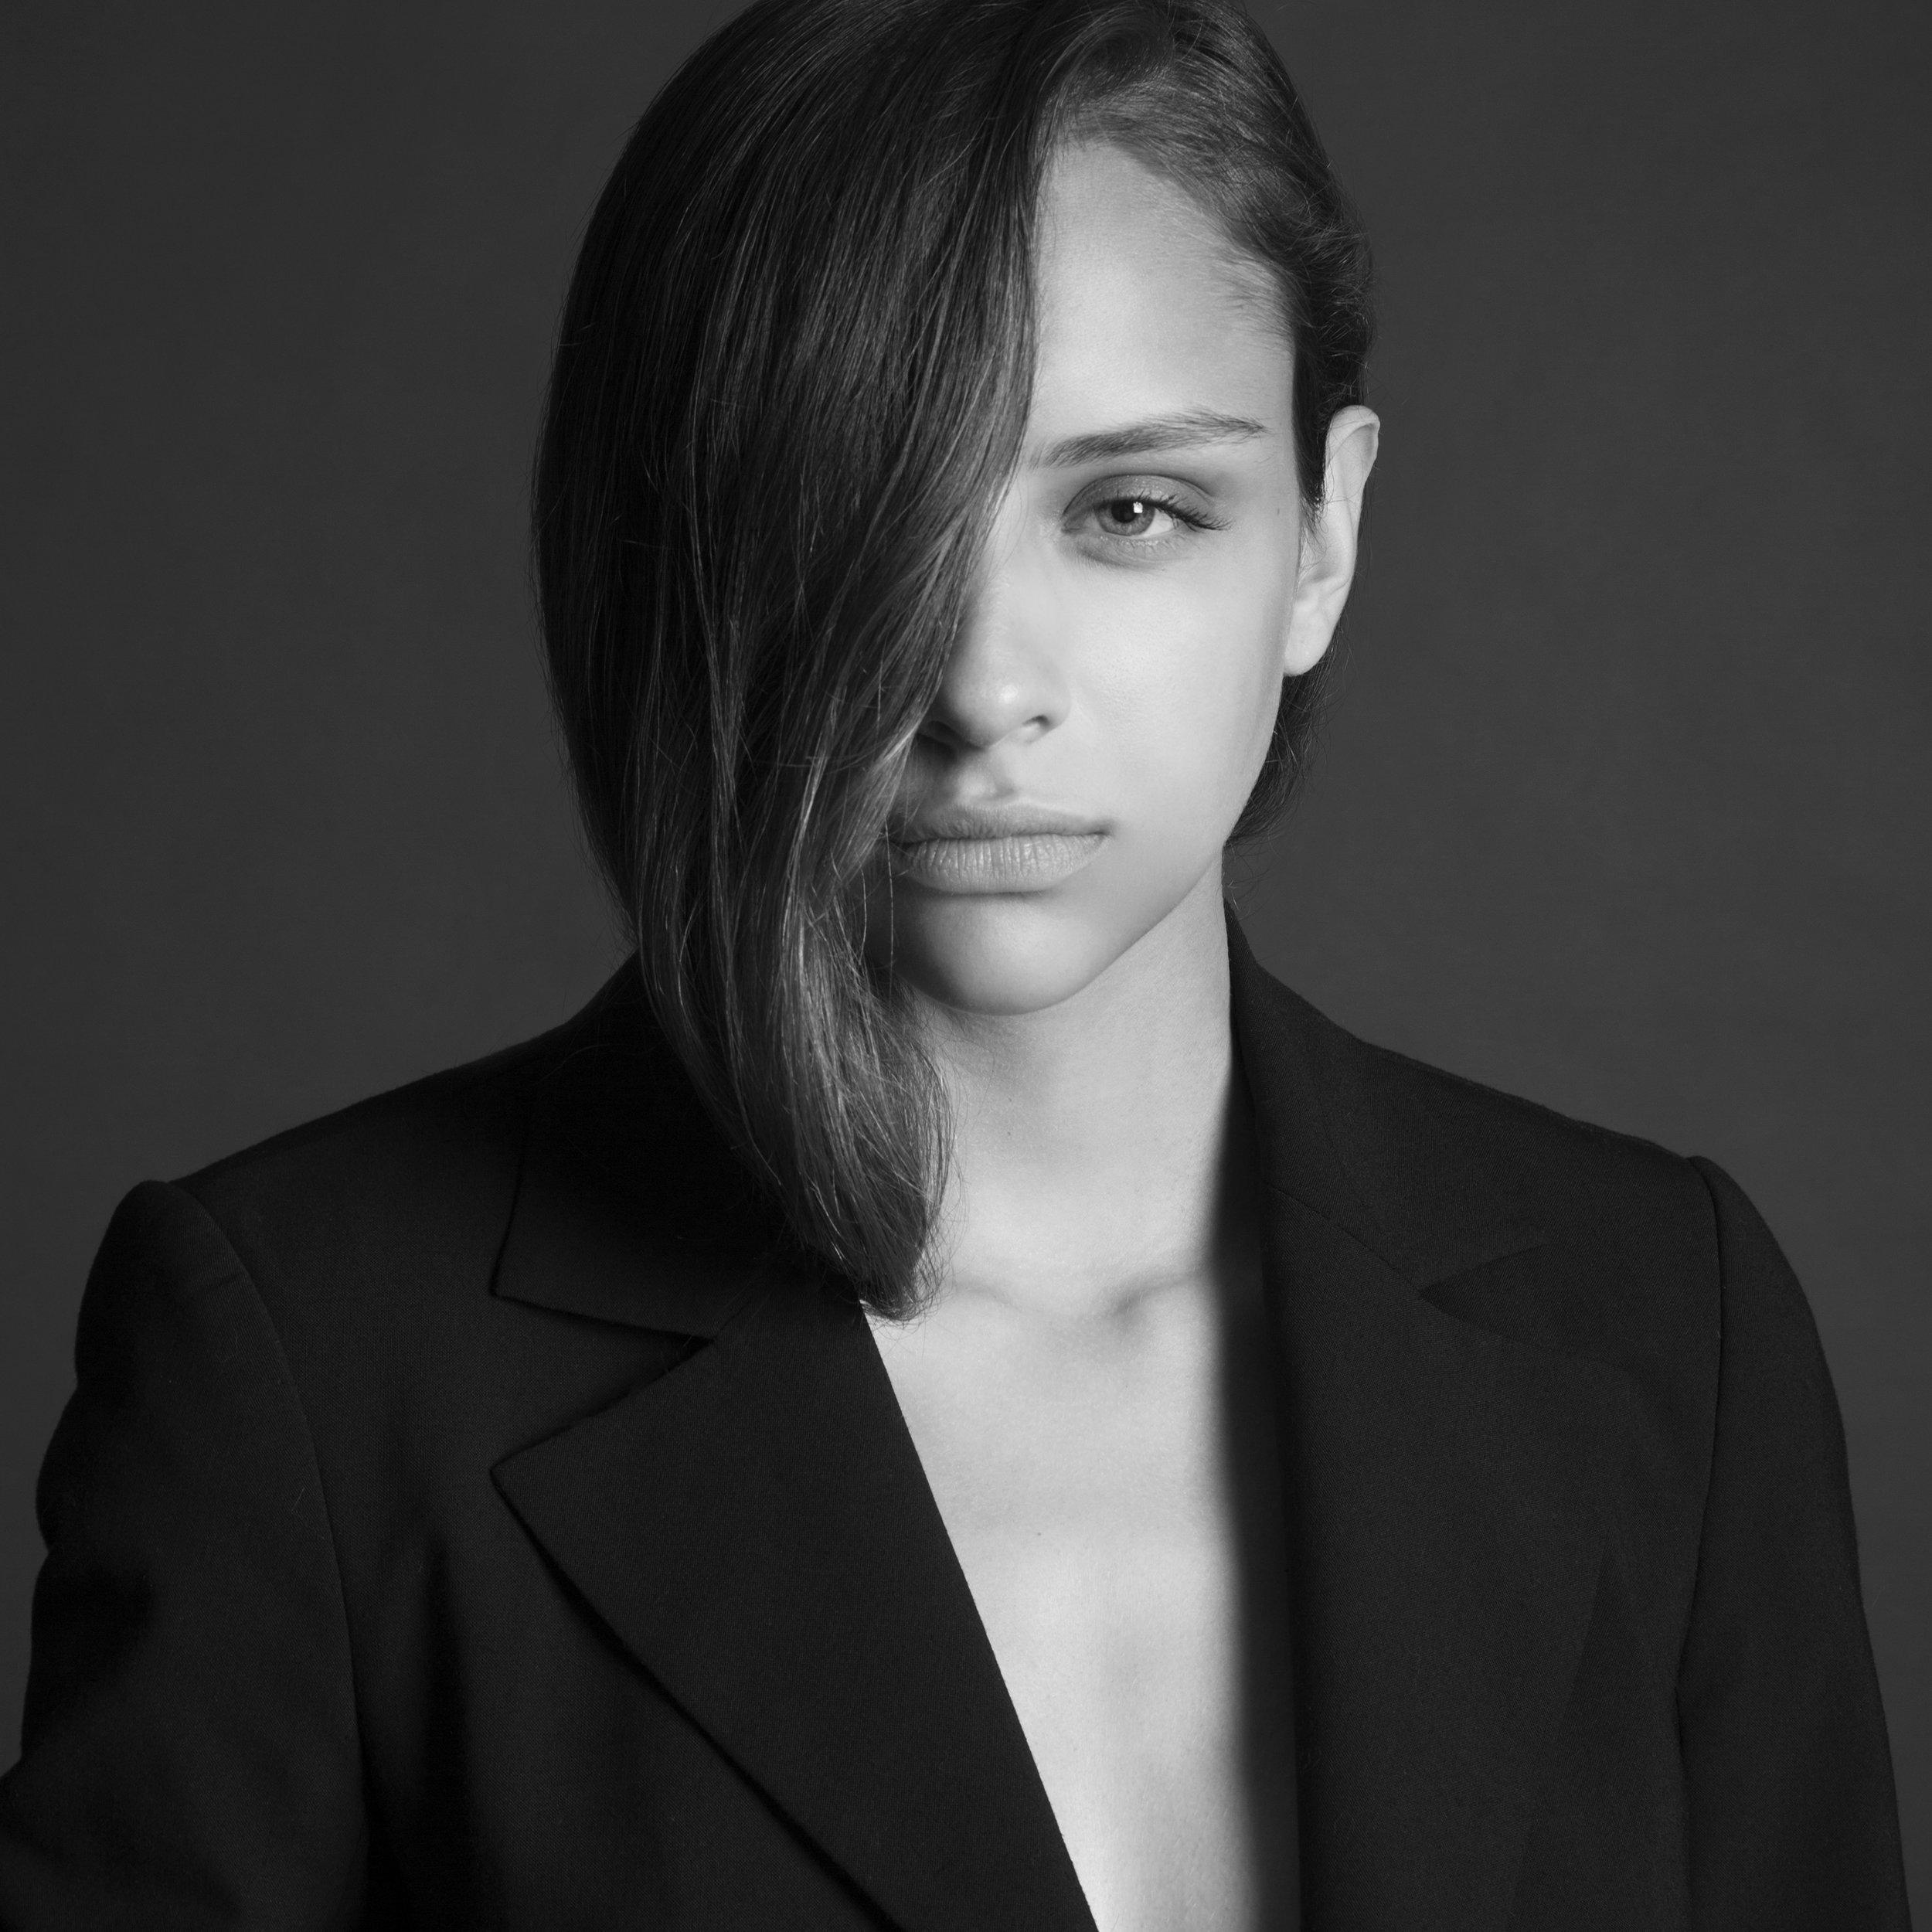 Carmen Salta by Ruben Tomas_02.jpg